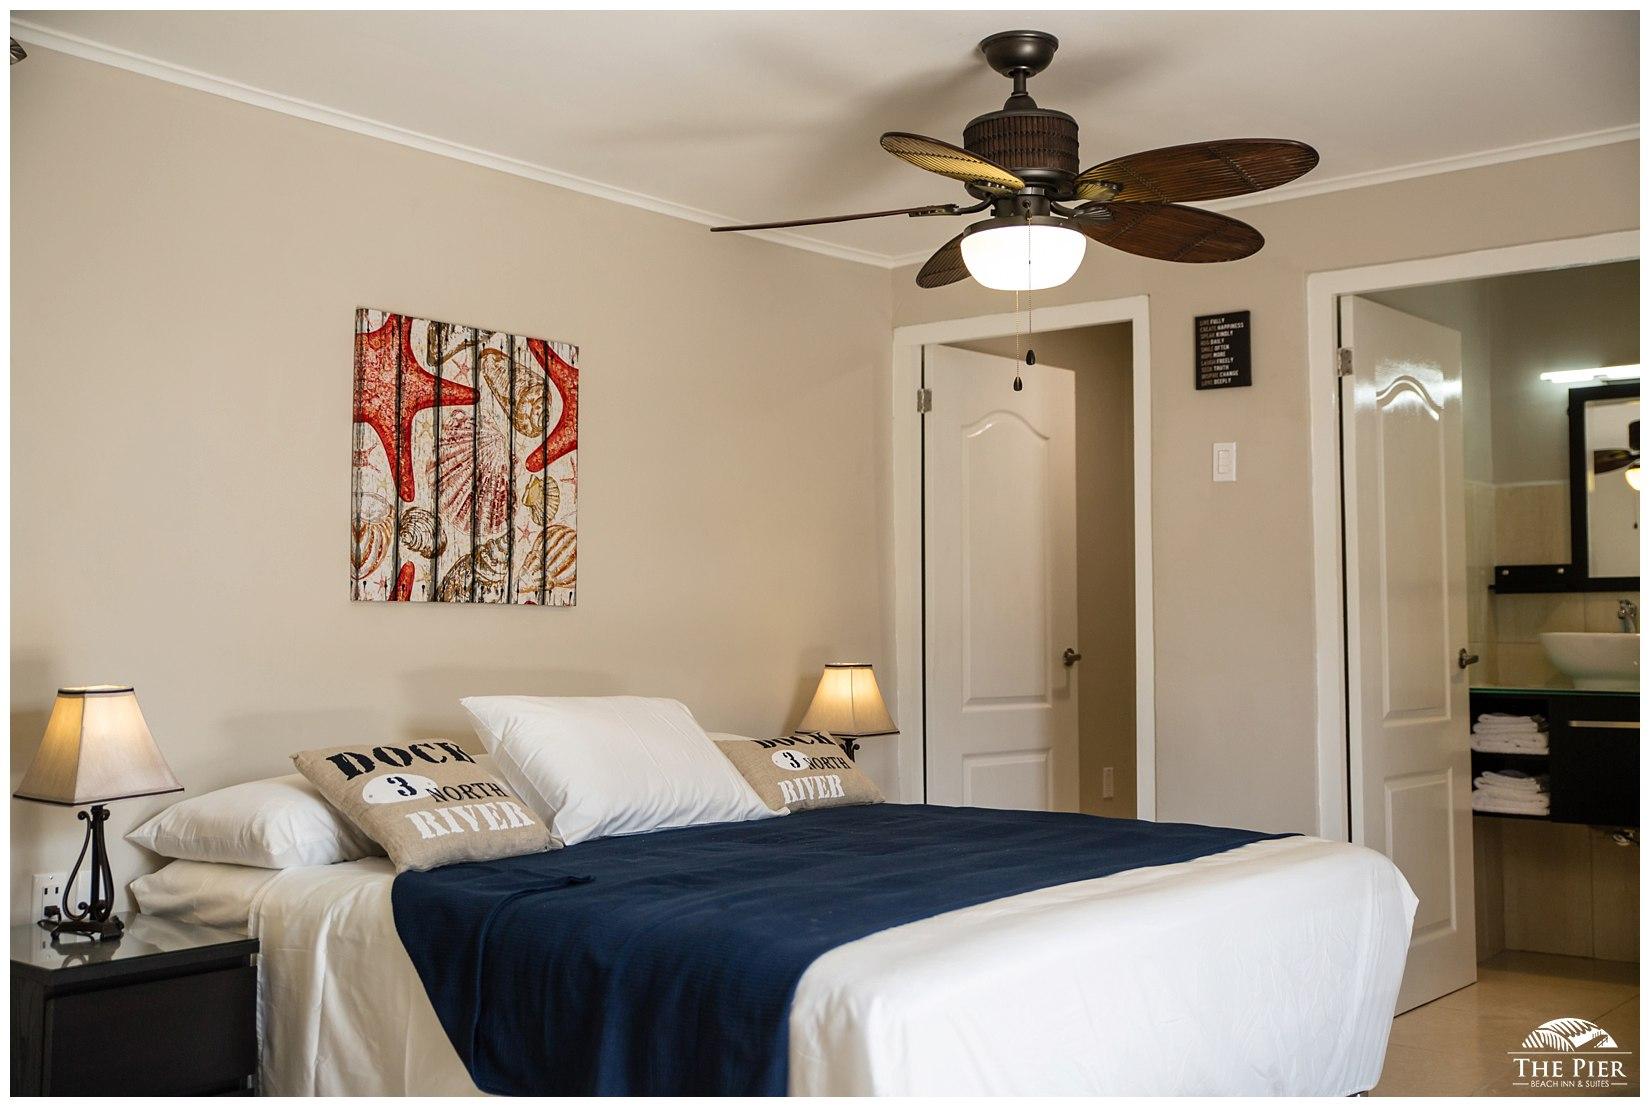 the-pier-beach-inn-suites-2500-slideshow_0036